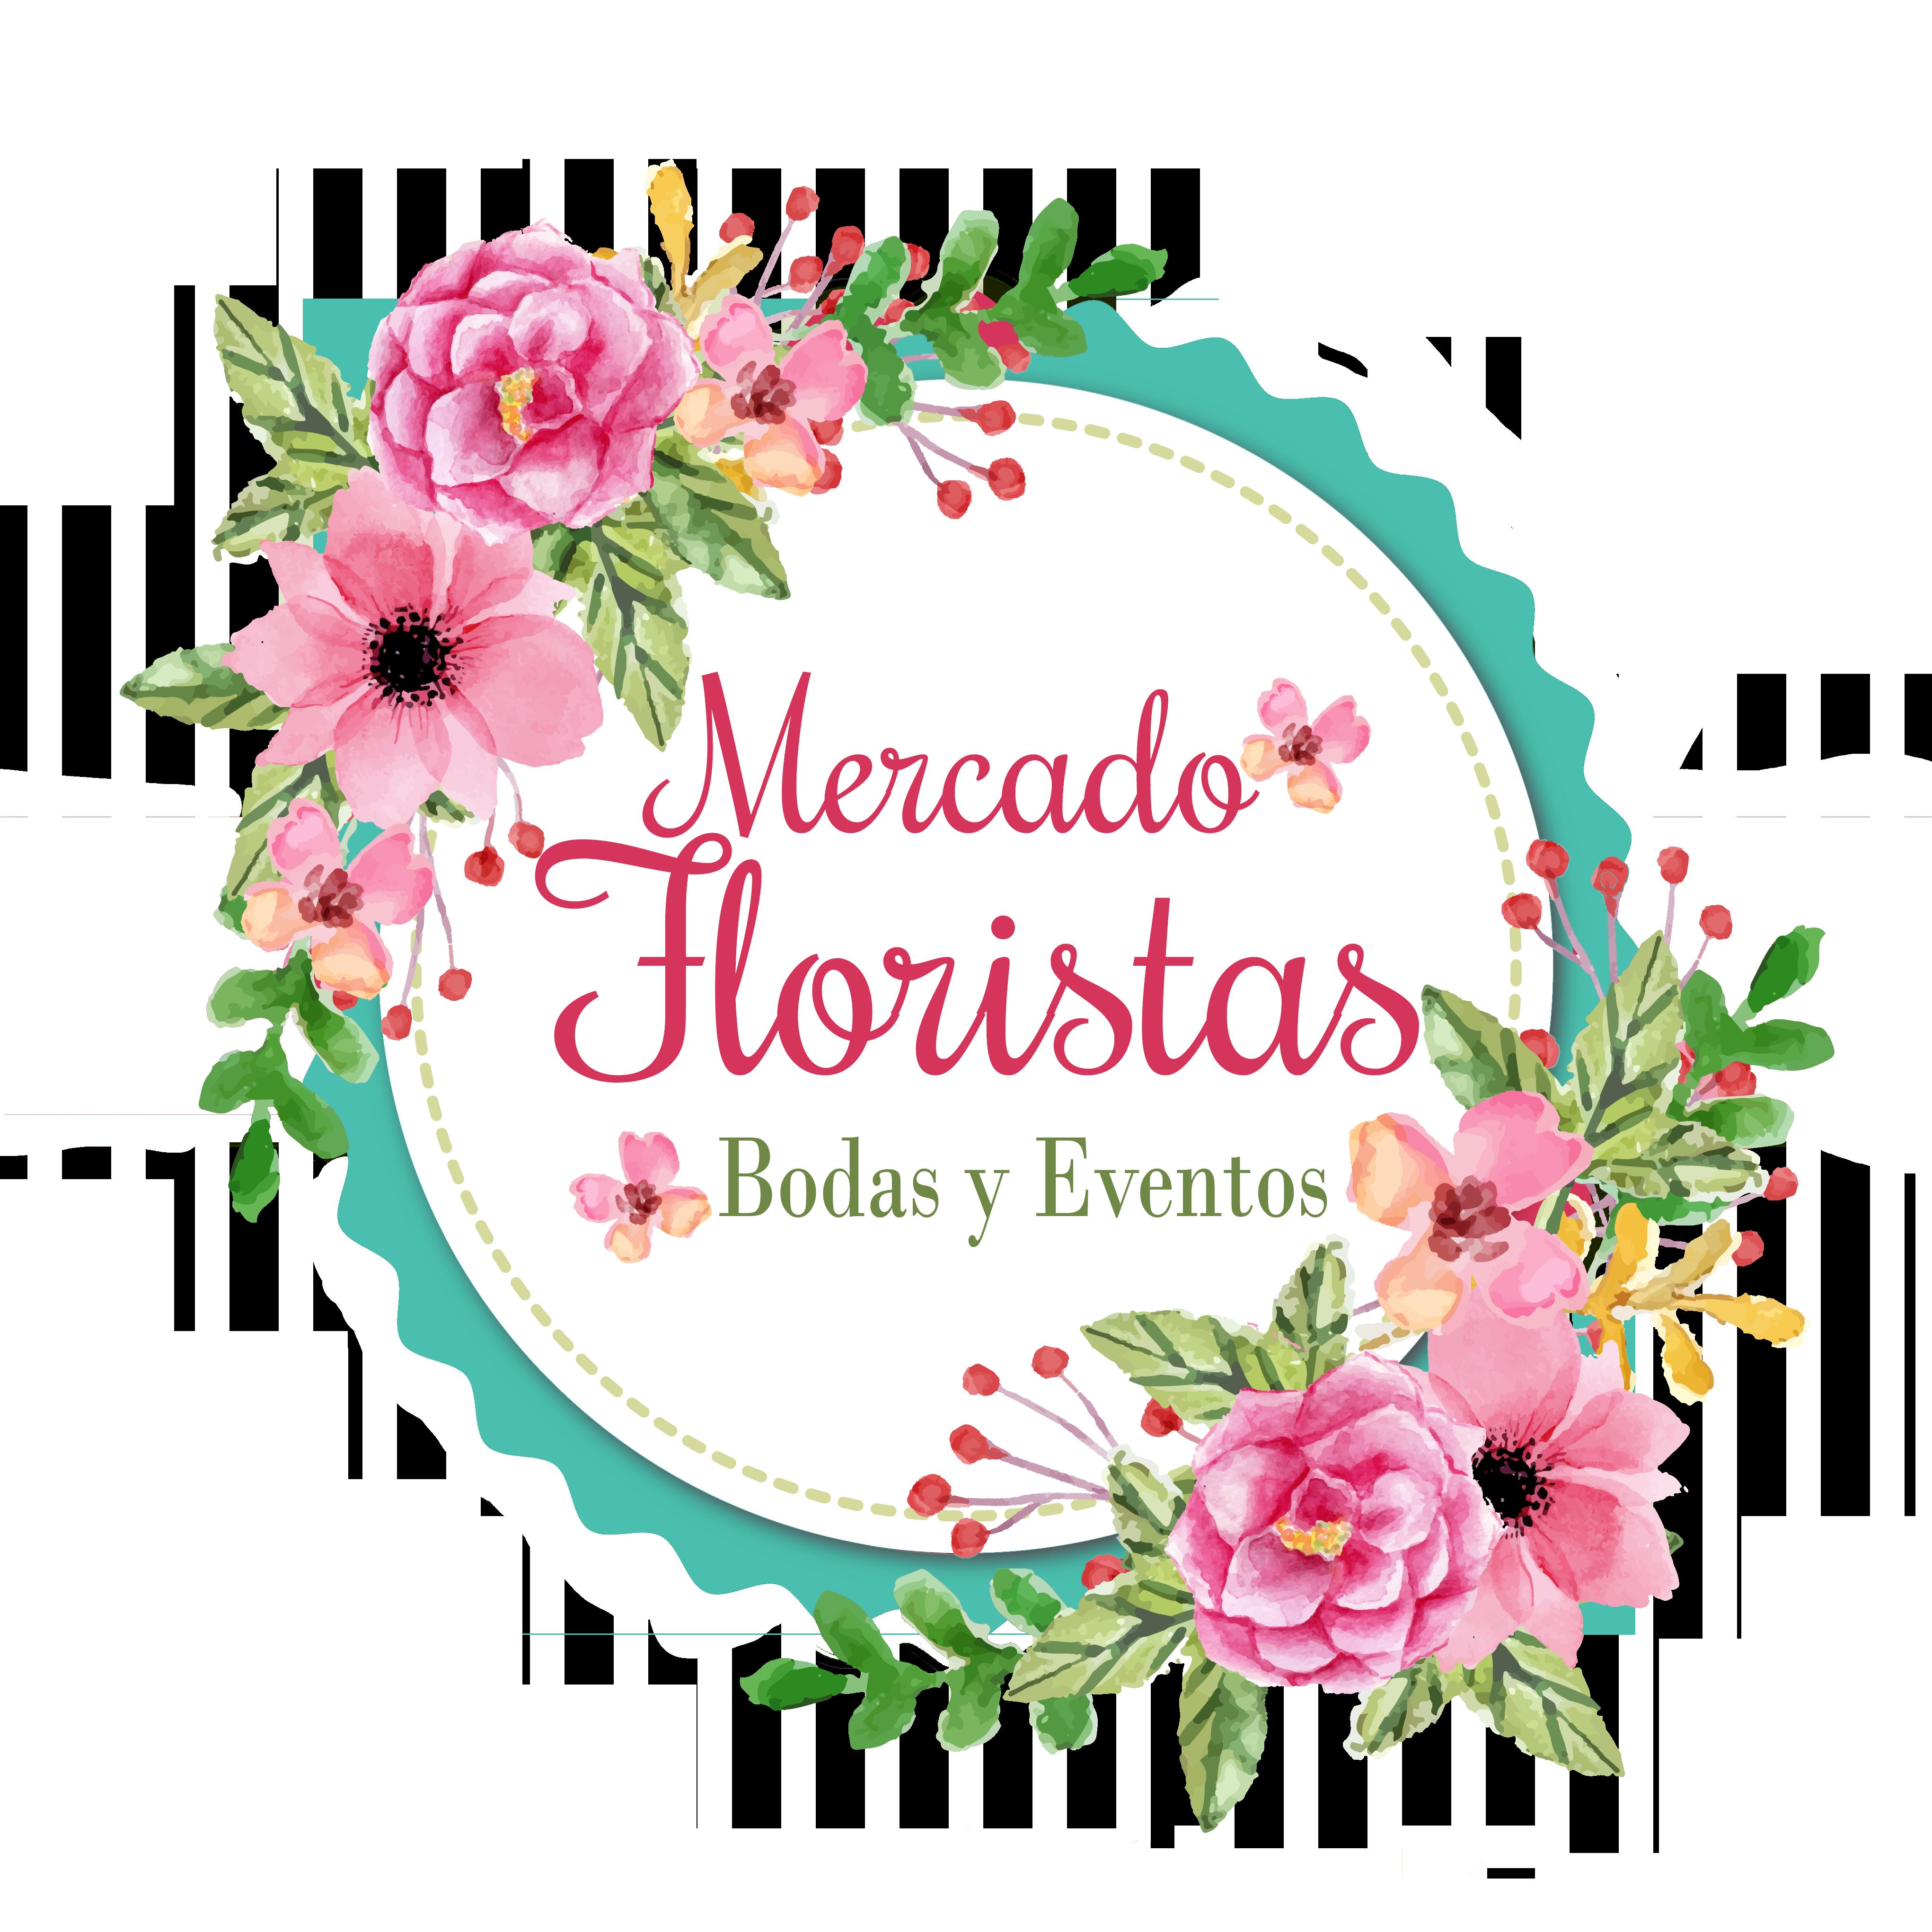 Bodas y Eventos Floristeria Mercado Blog